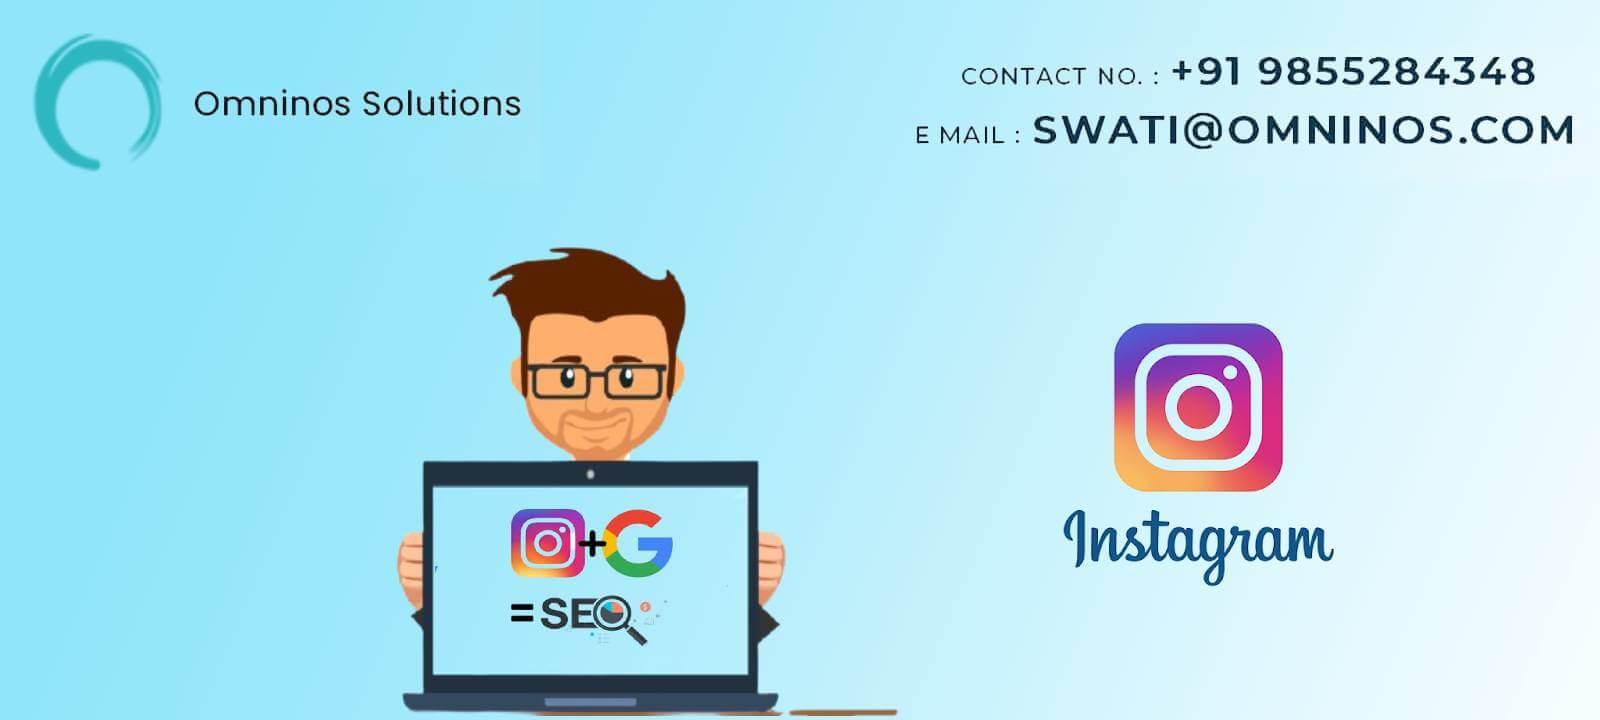 Omninos solution instagram social media clone app development